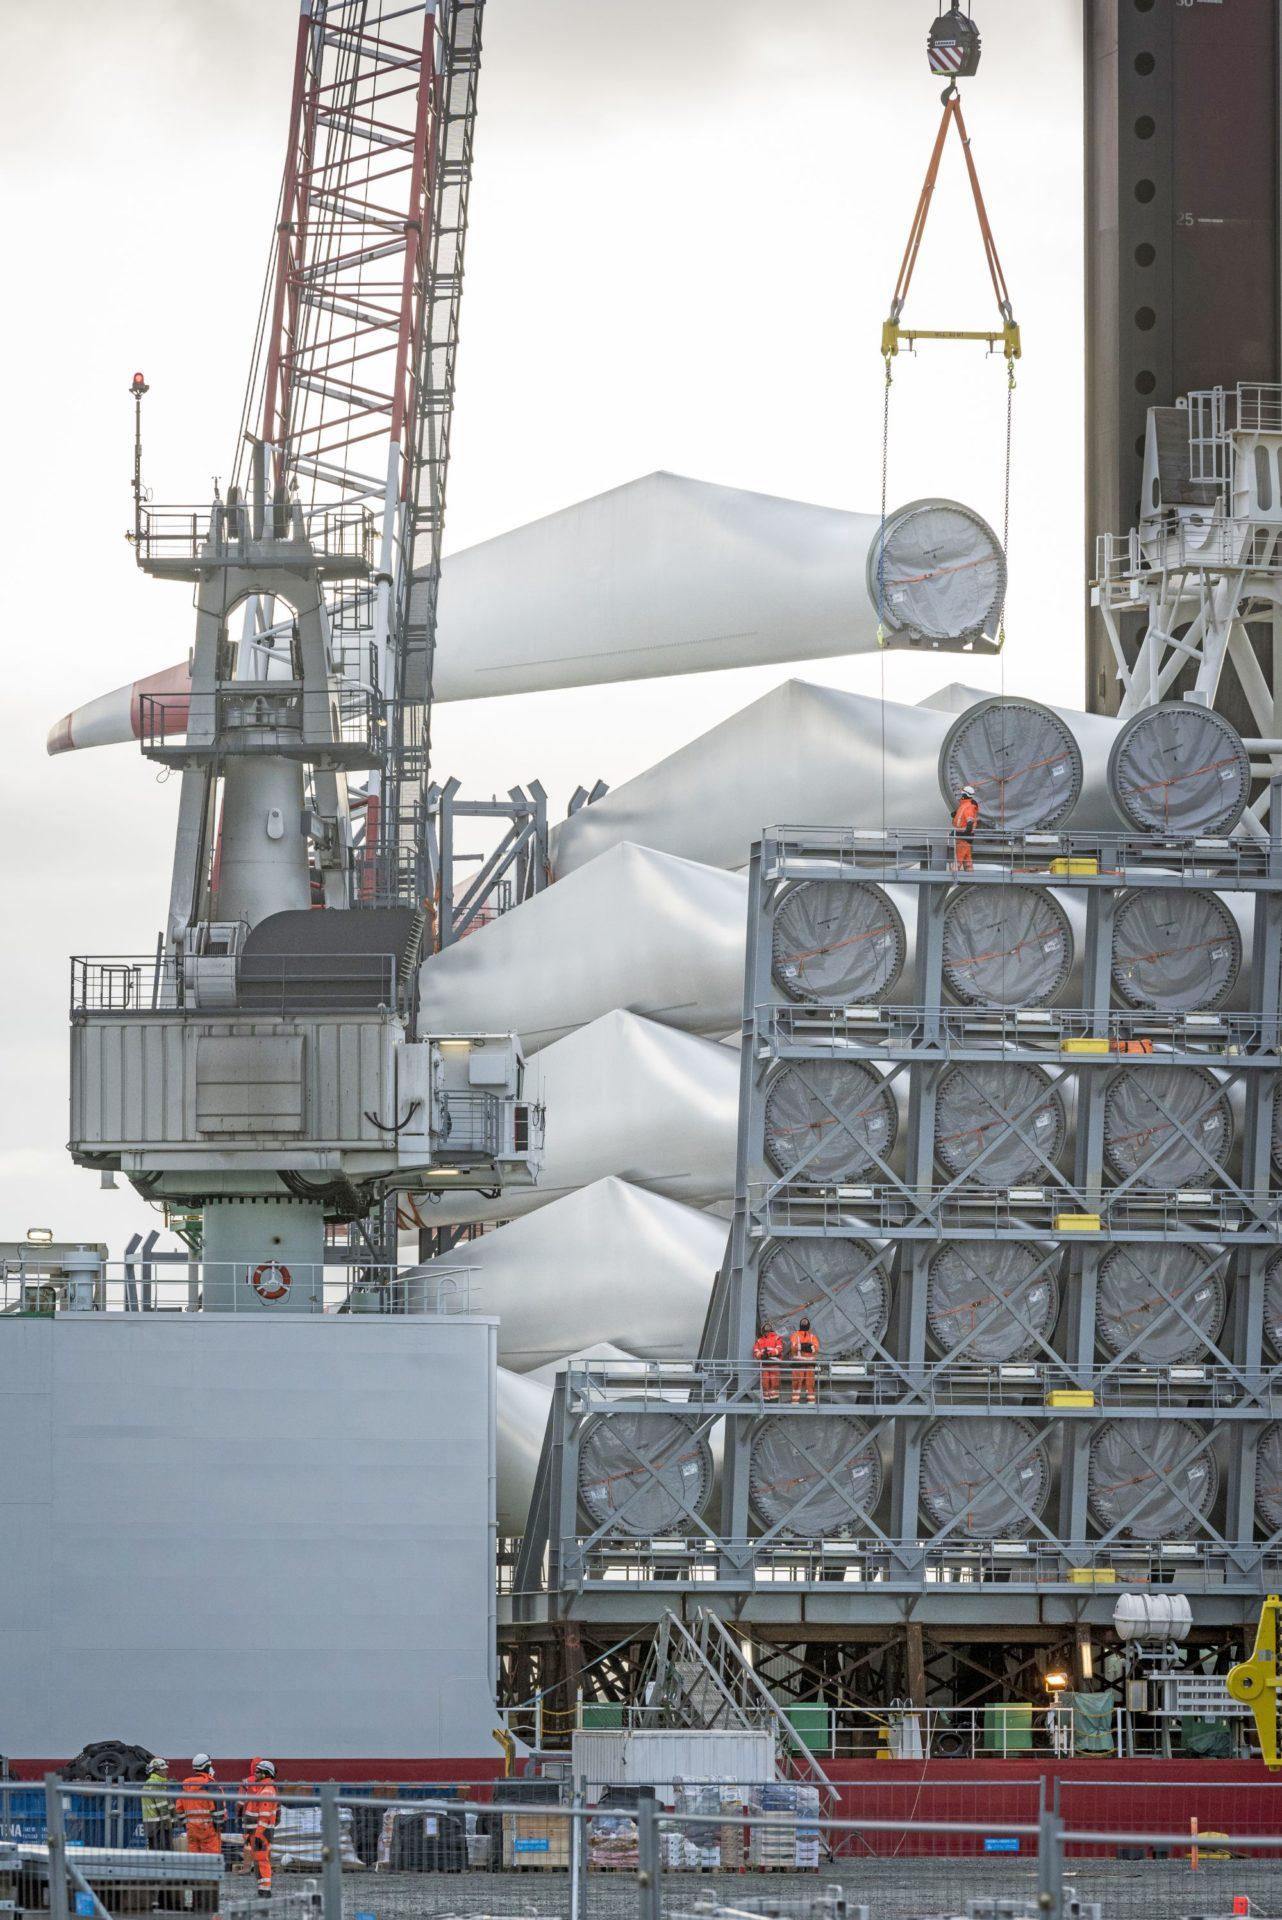 Toonaangevend innovatiecentrum voor offshore wind